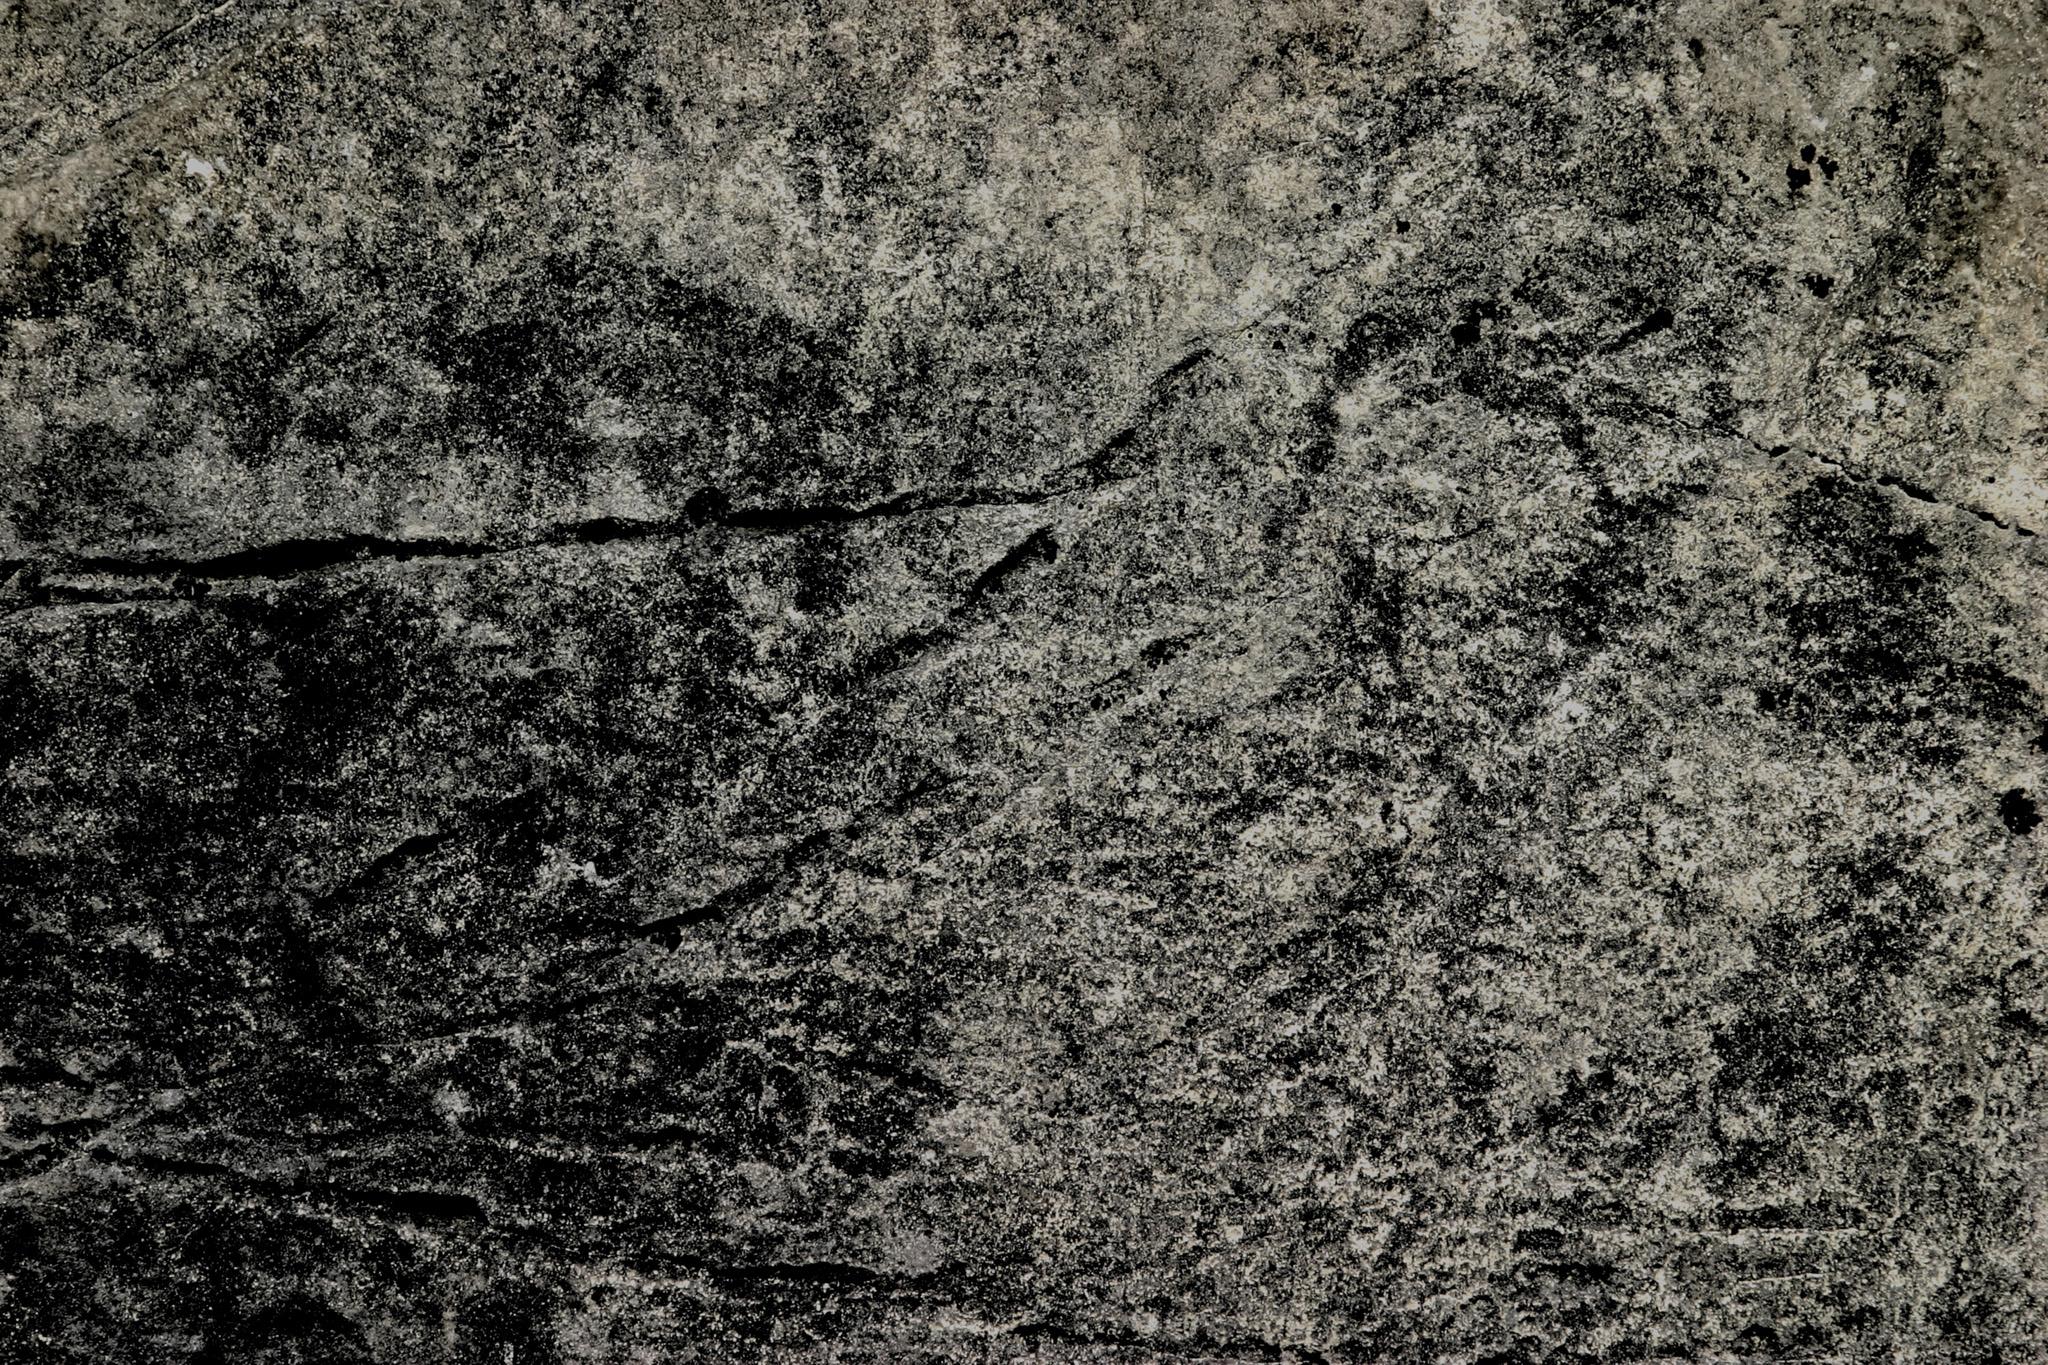 「直線の傷がある石」